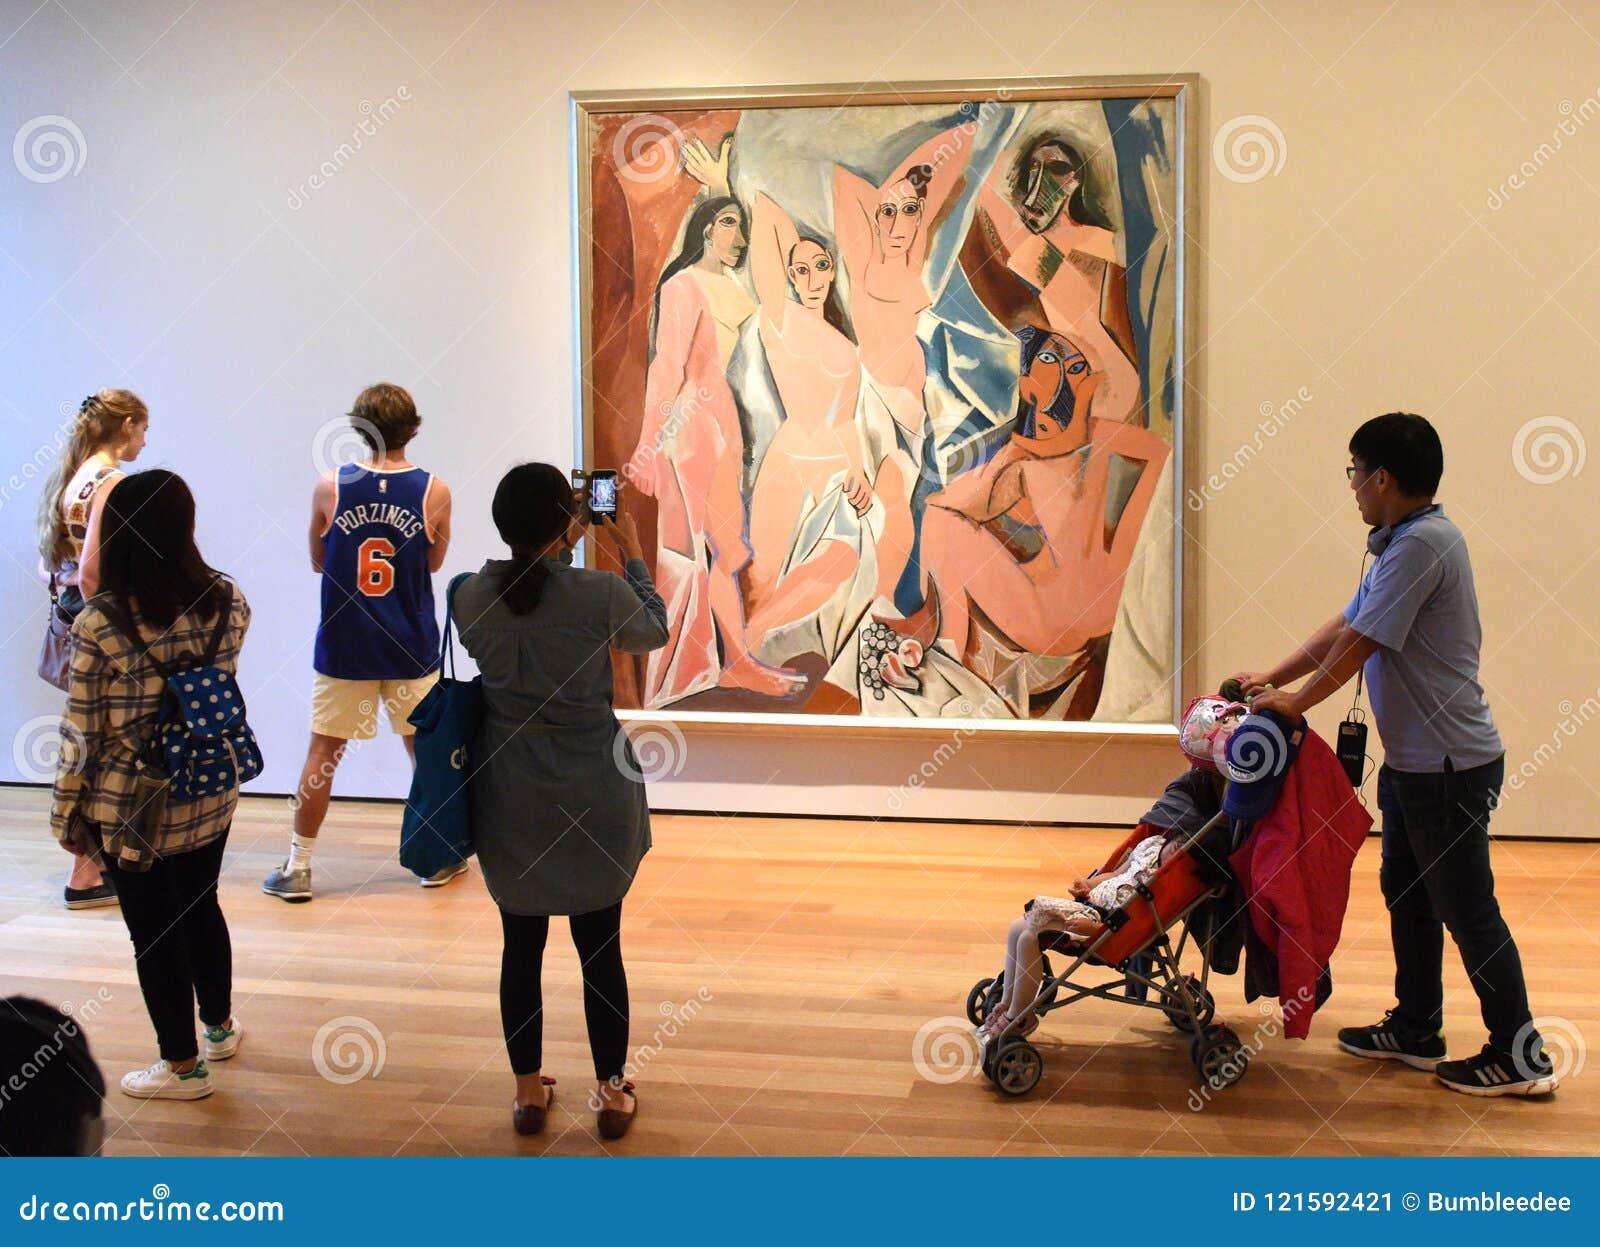 Nueva York, los E.E.U.U. - 8 de junio de 2018: Gente cerca del dolor de Pablo Picasso